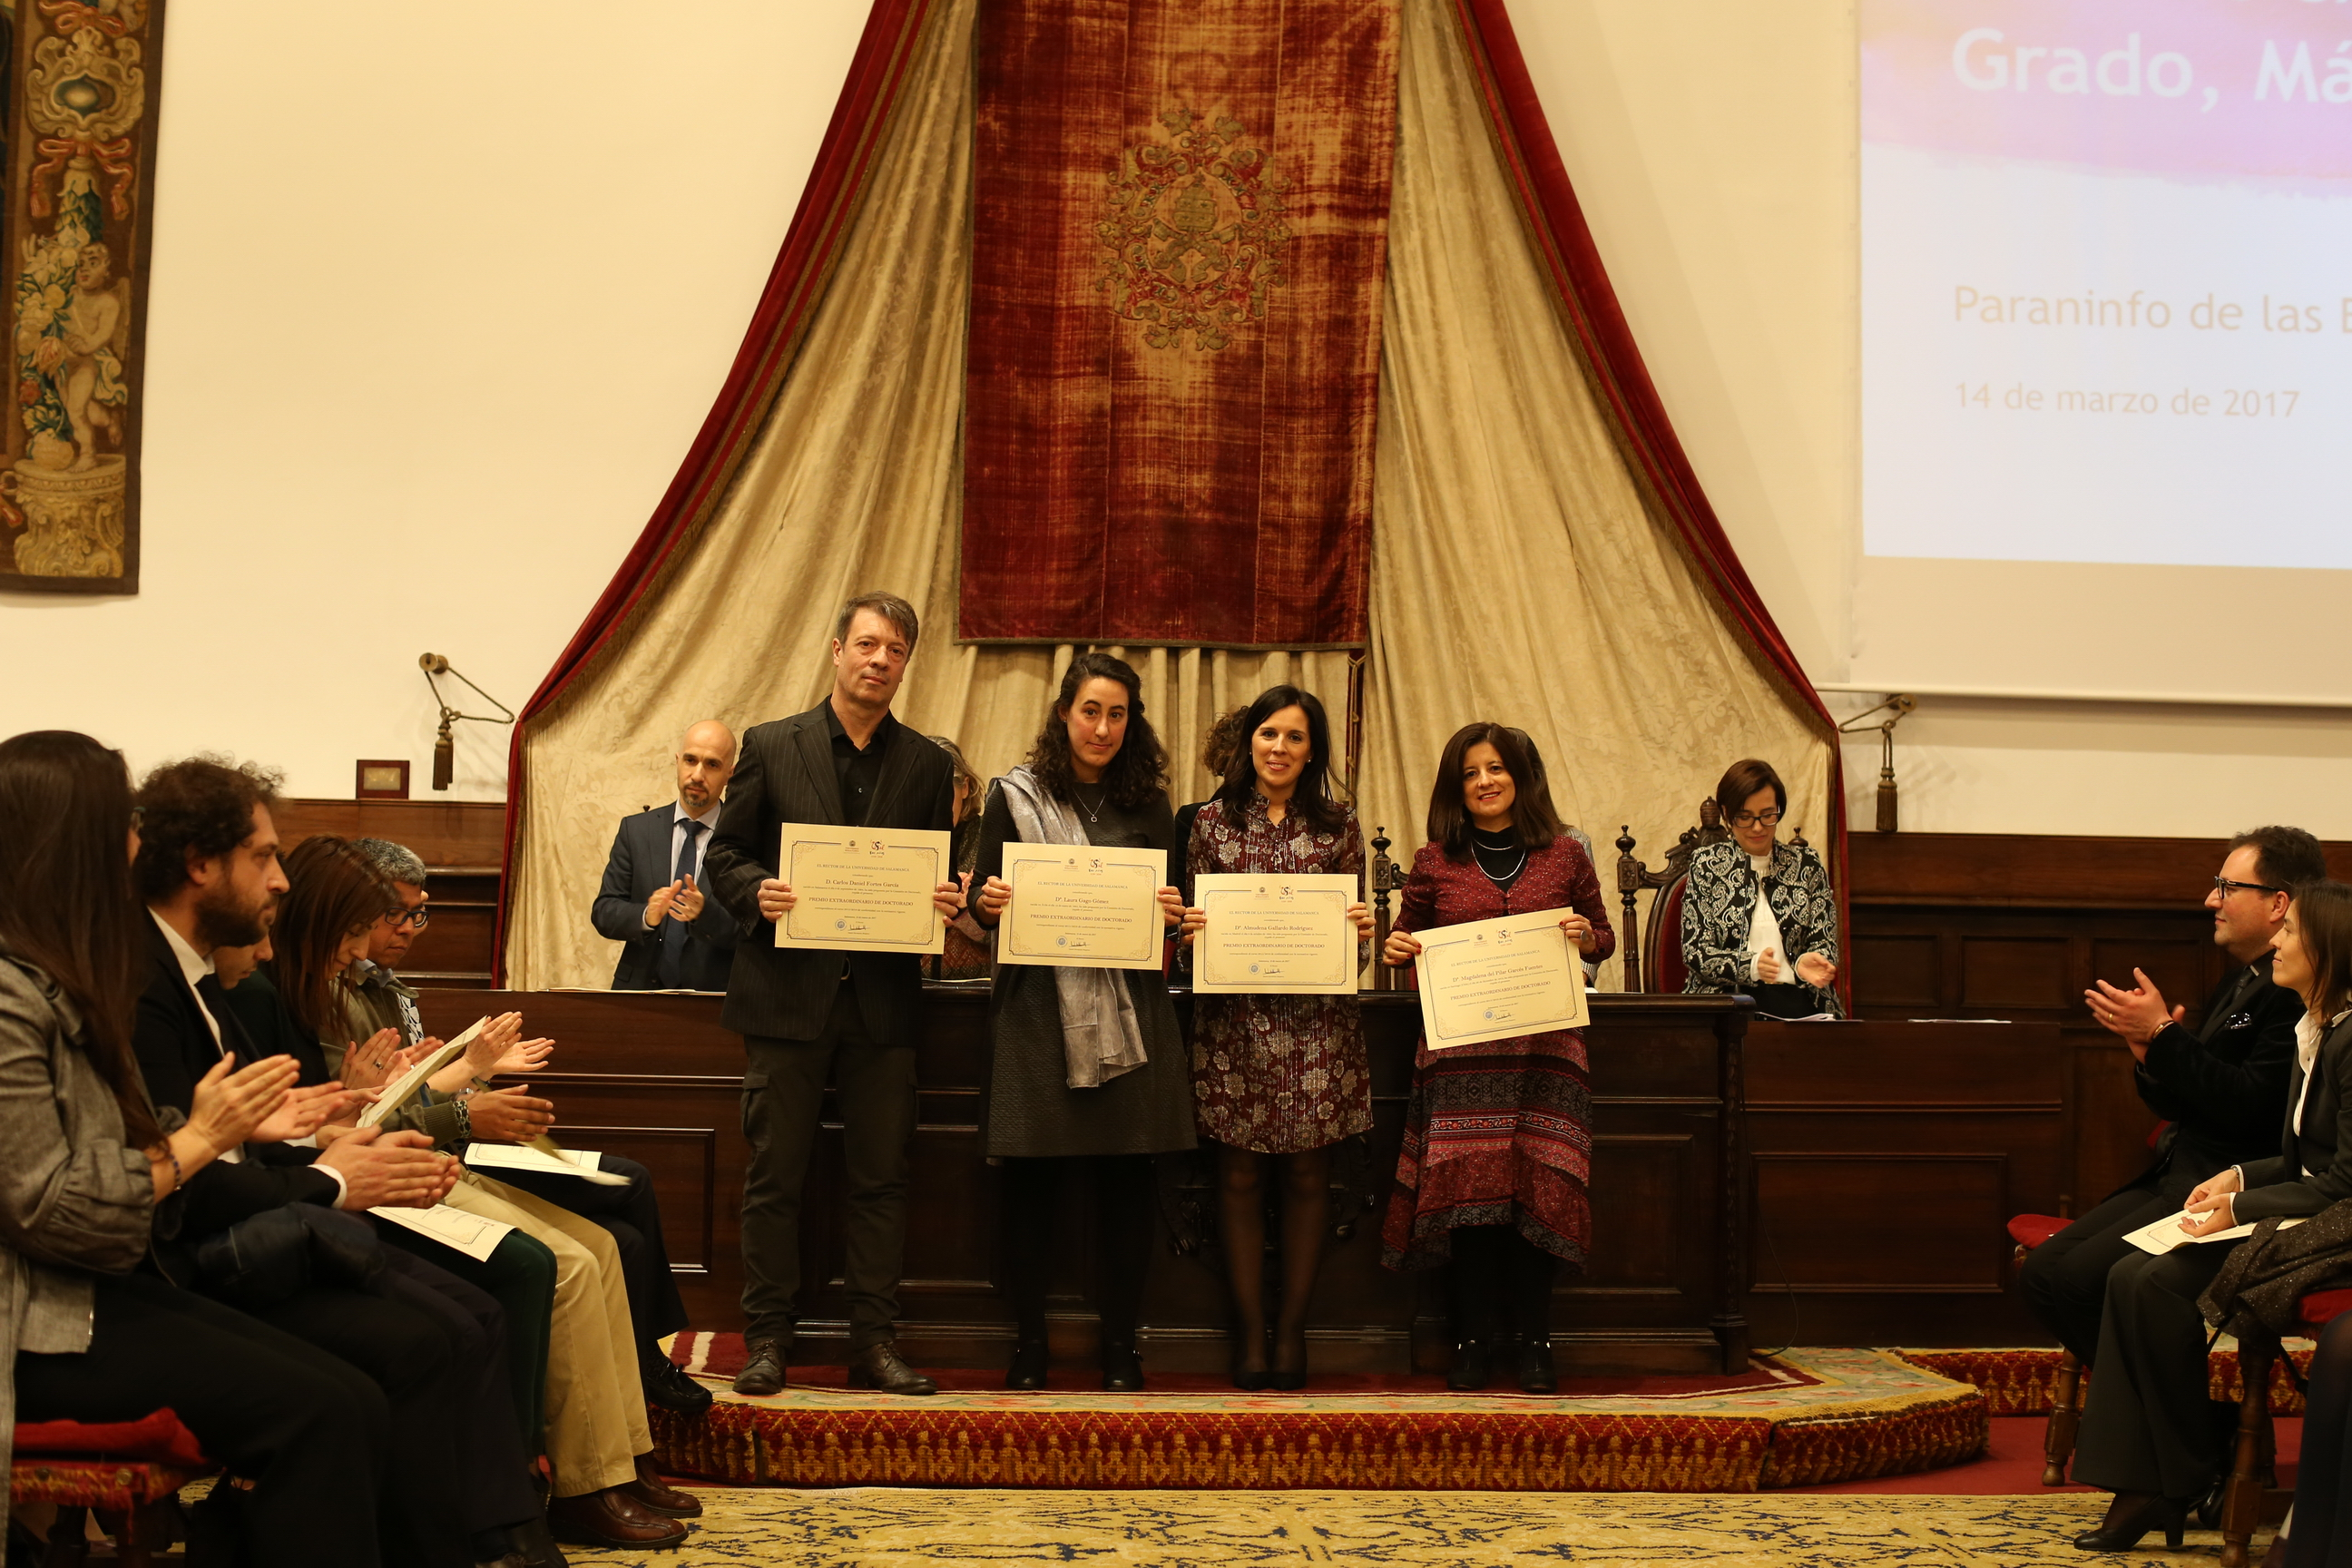 Fotografía de Premio Extraordinario de Doctorado 3